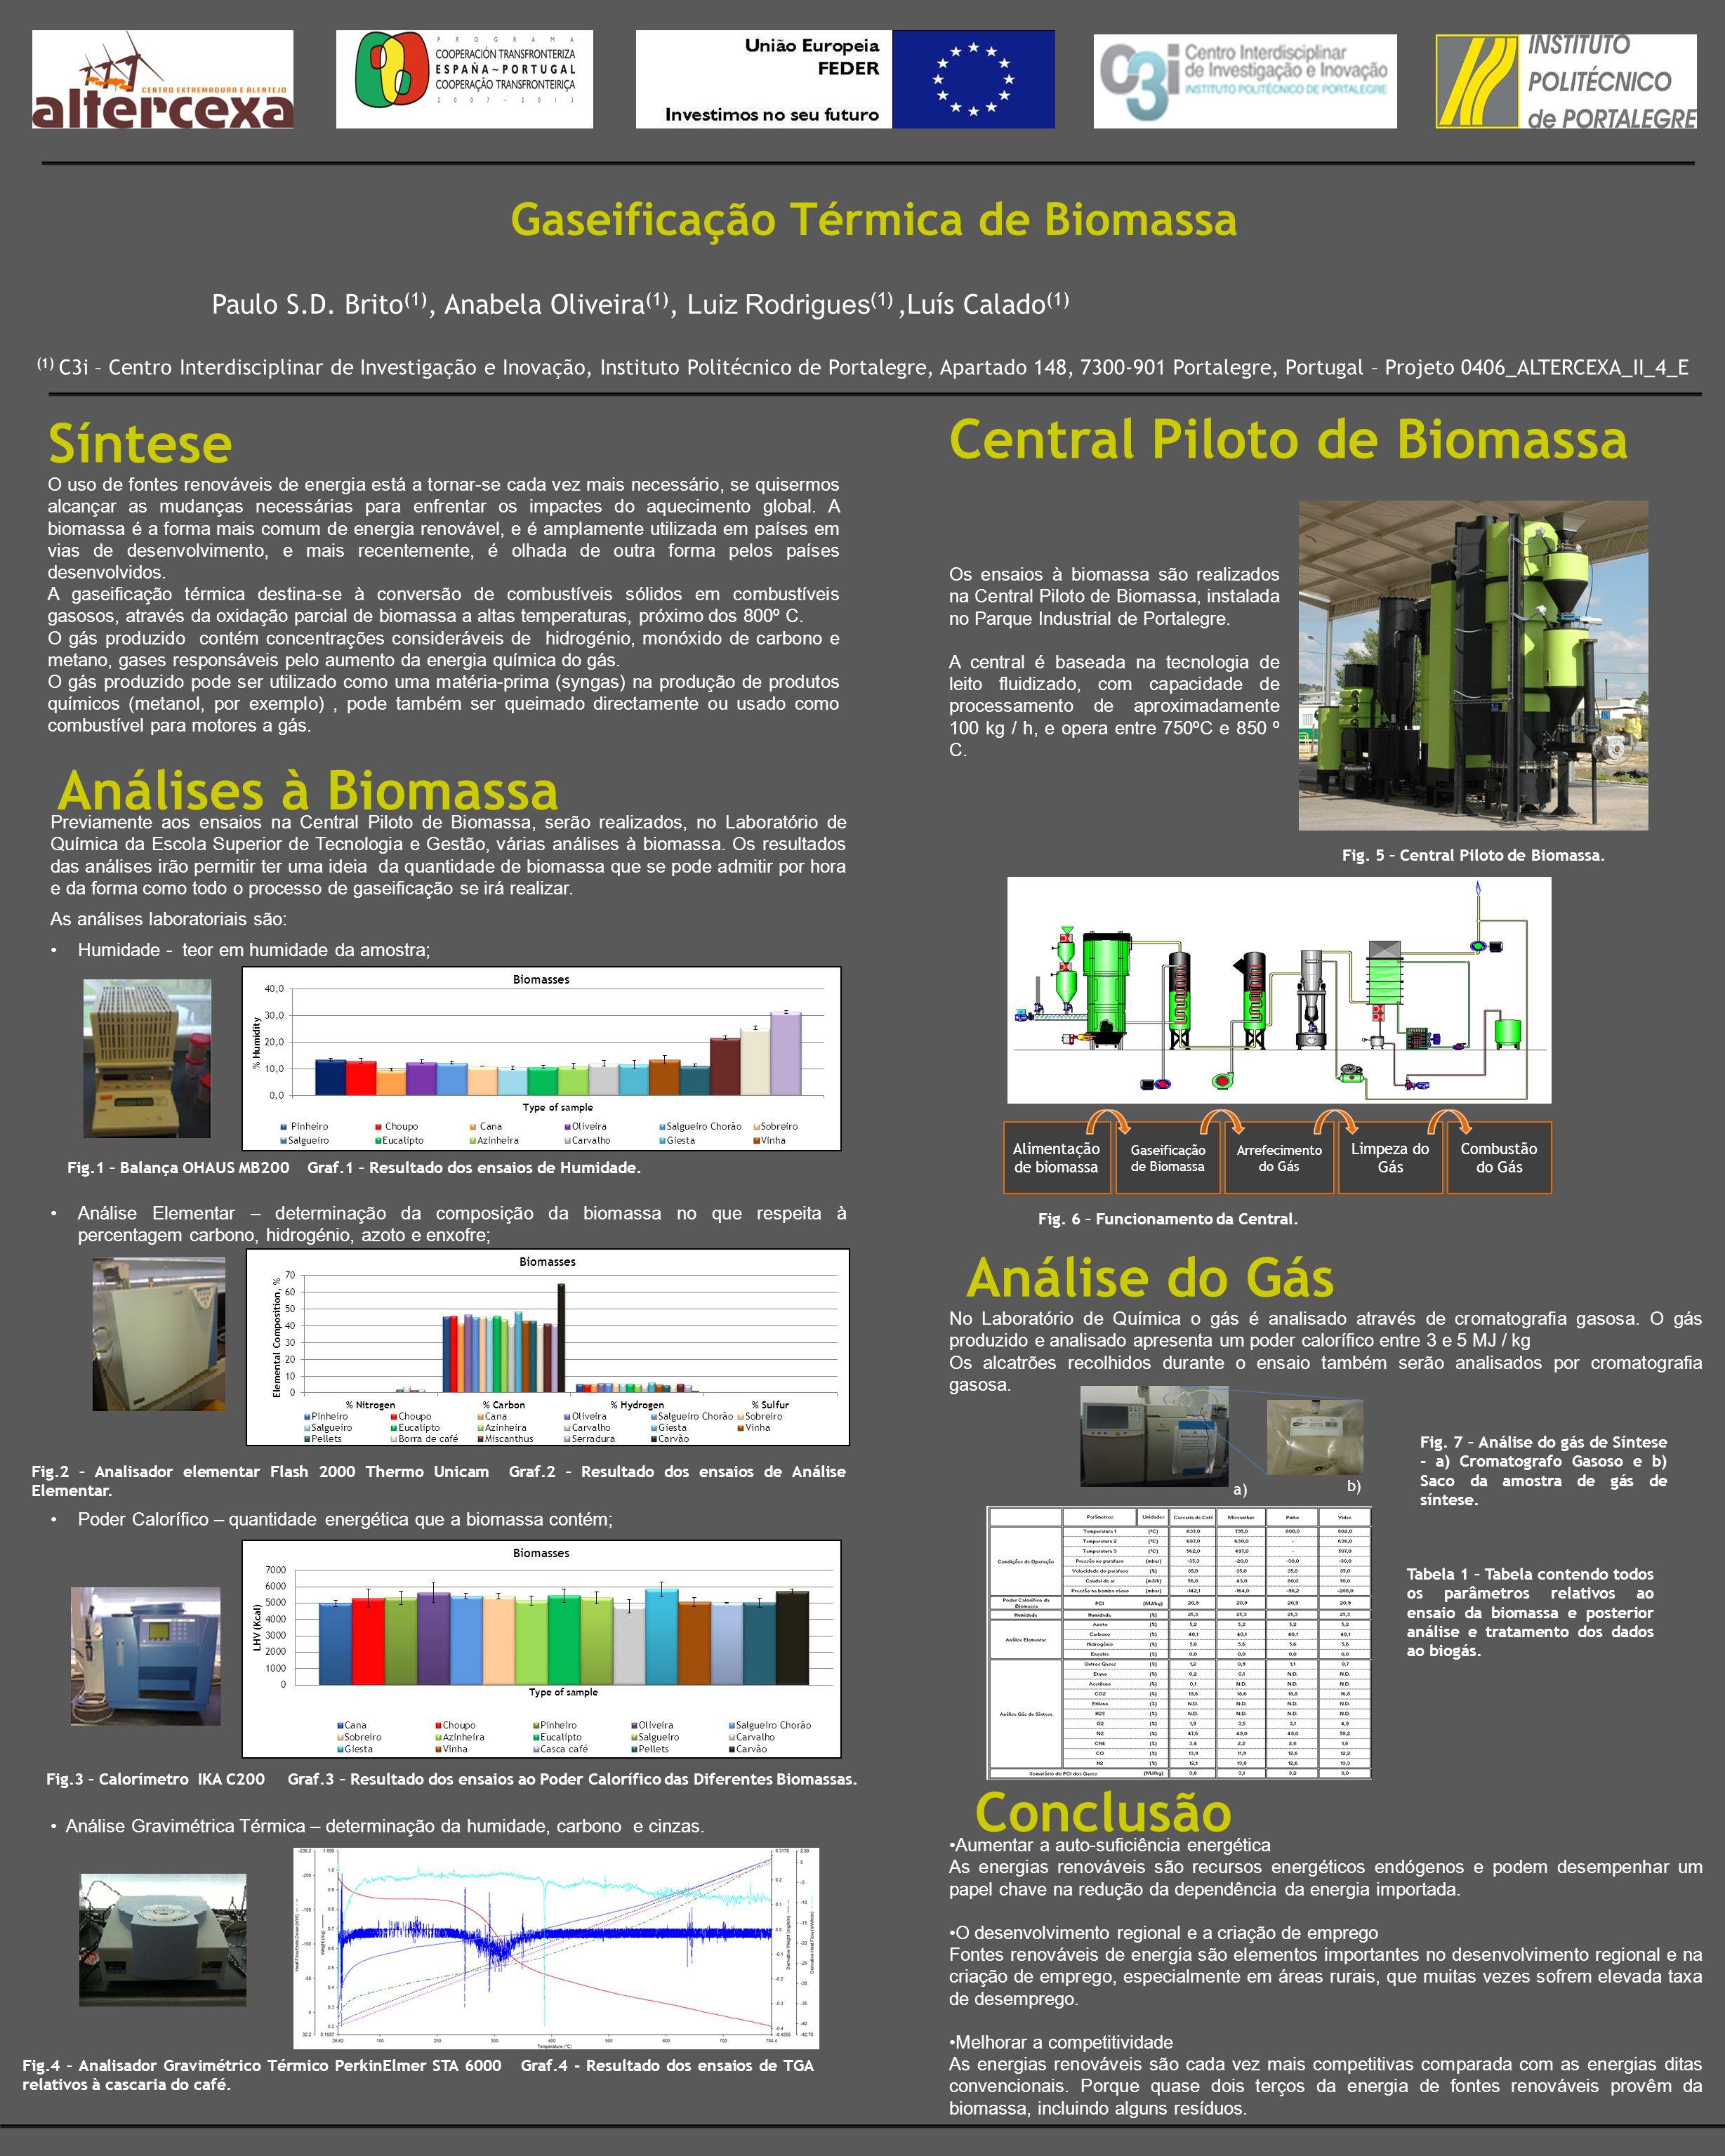 Gaseificação Térmica de Biomassa